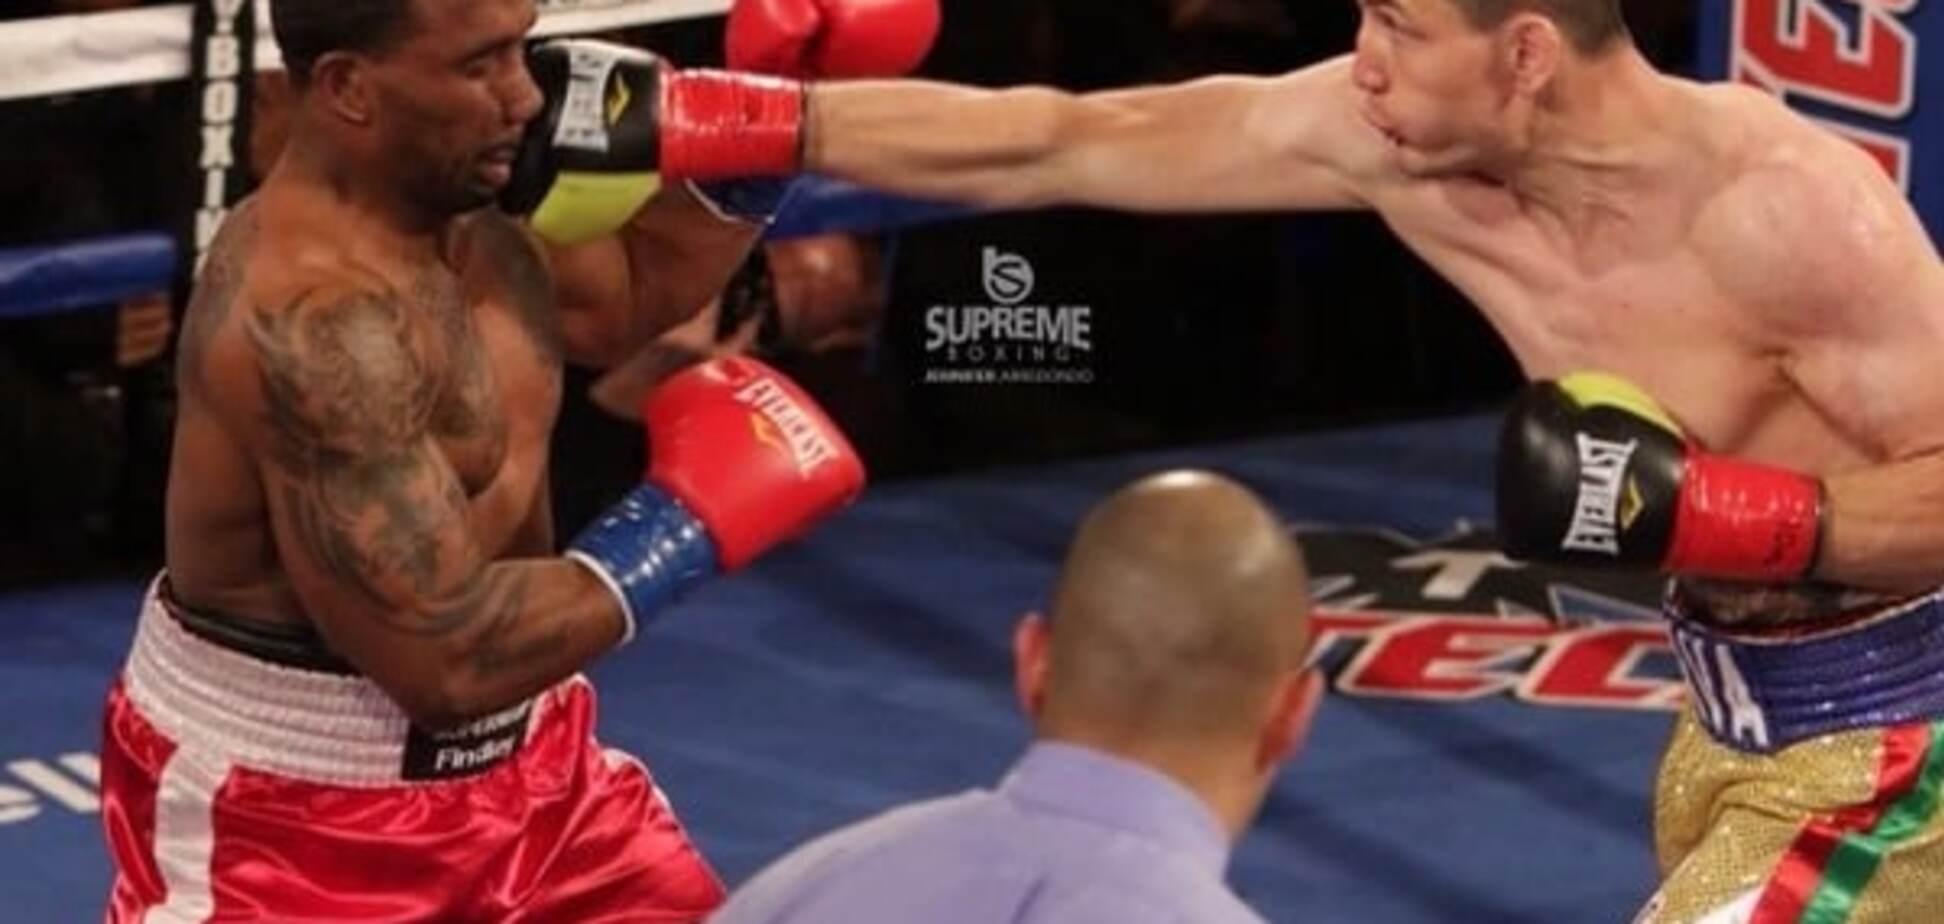 Непереможний український боксер здобув яскраву перемогу над 'Суперменом': відео нокдауну